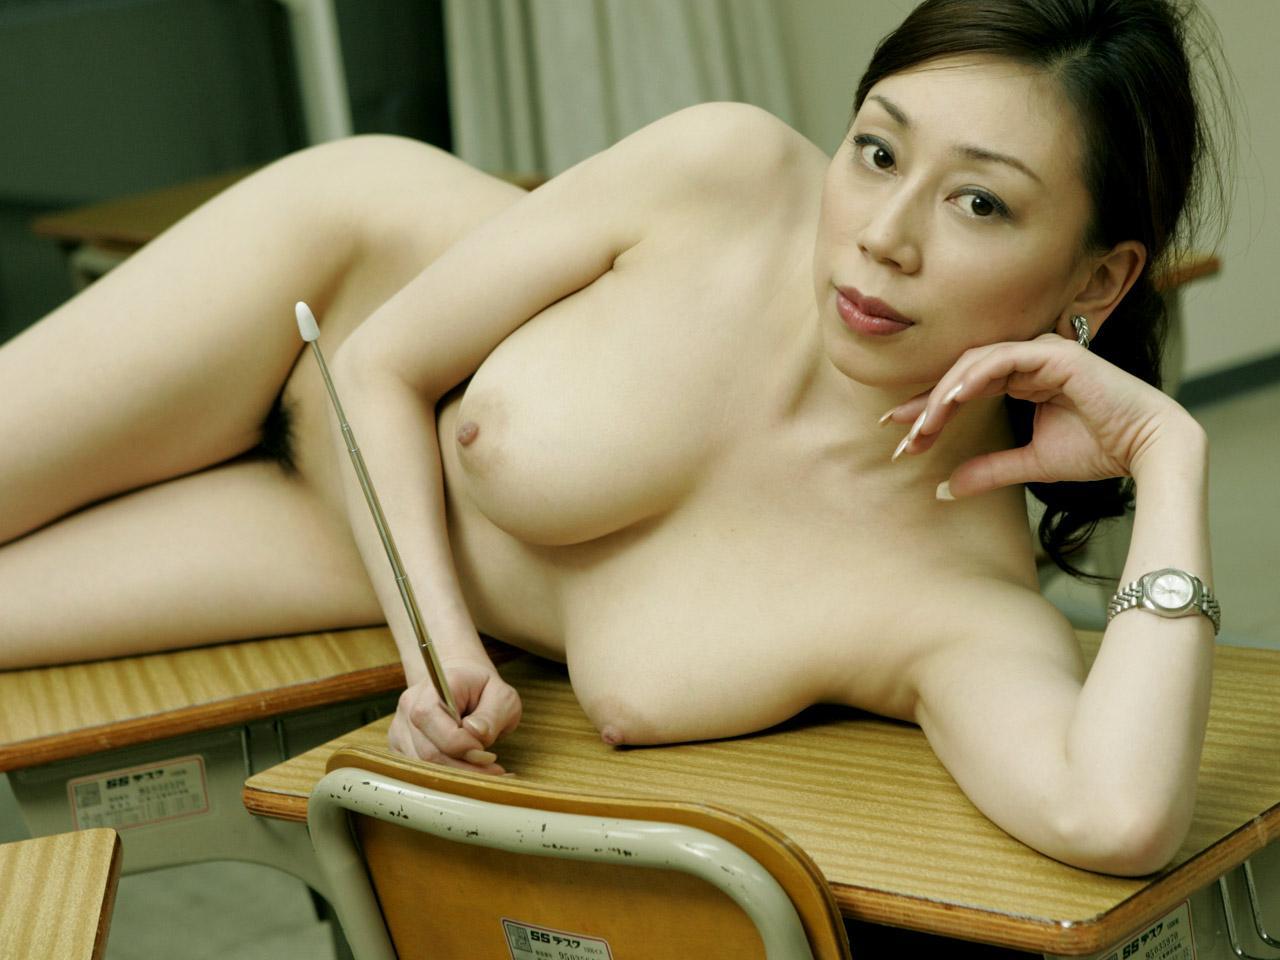 巨乳熟女画像スレ その3->画像>157枚